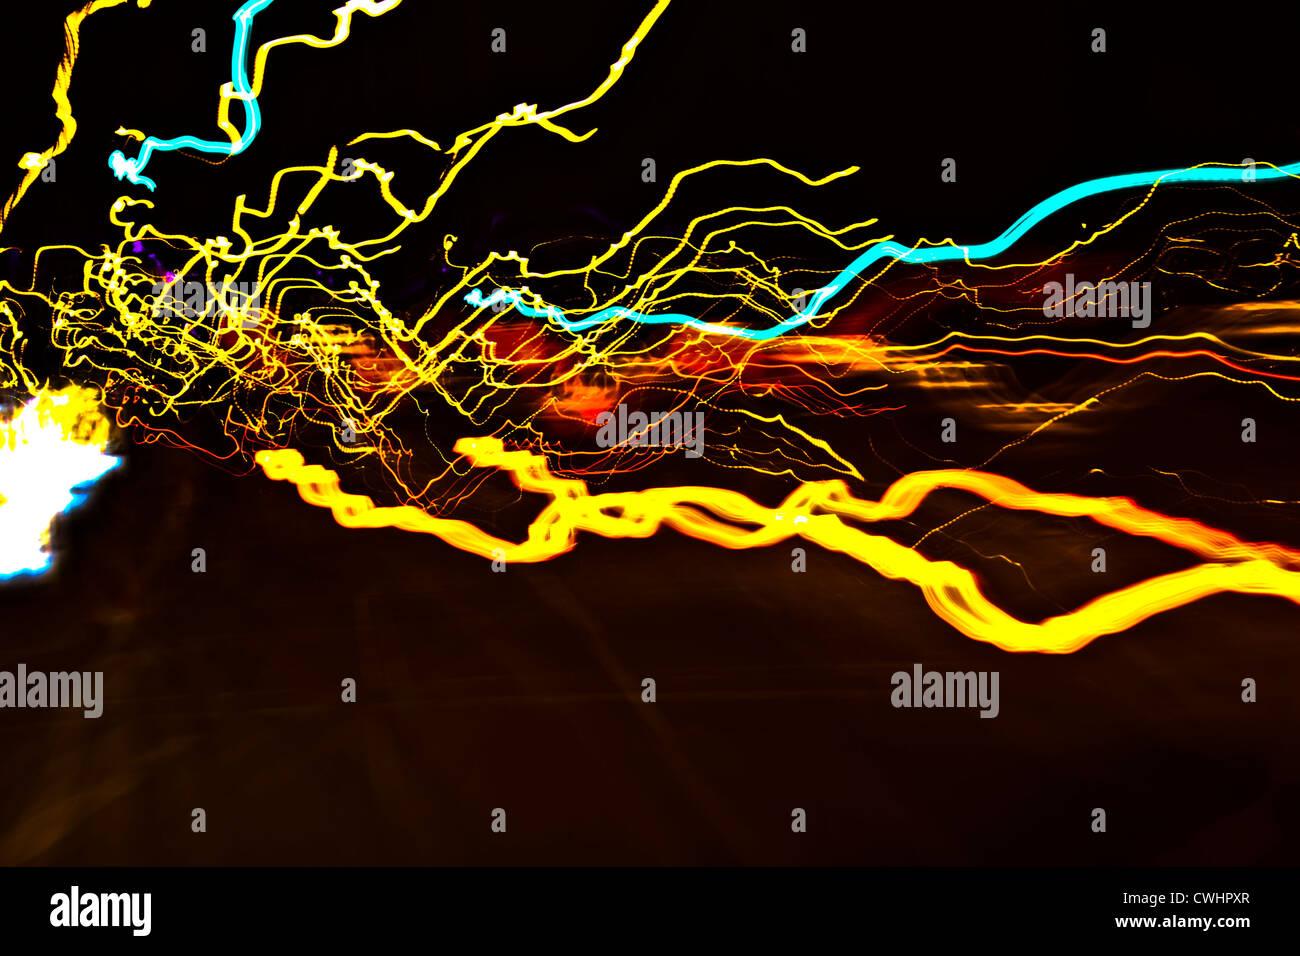 Lámparas,Resumen,vía de luces Imagen De Stock